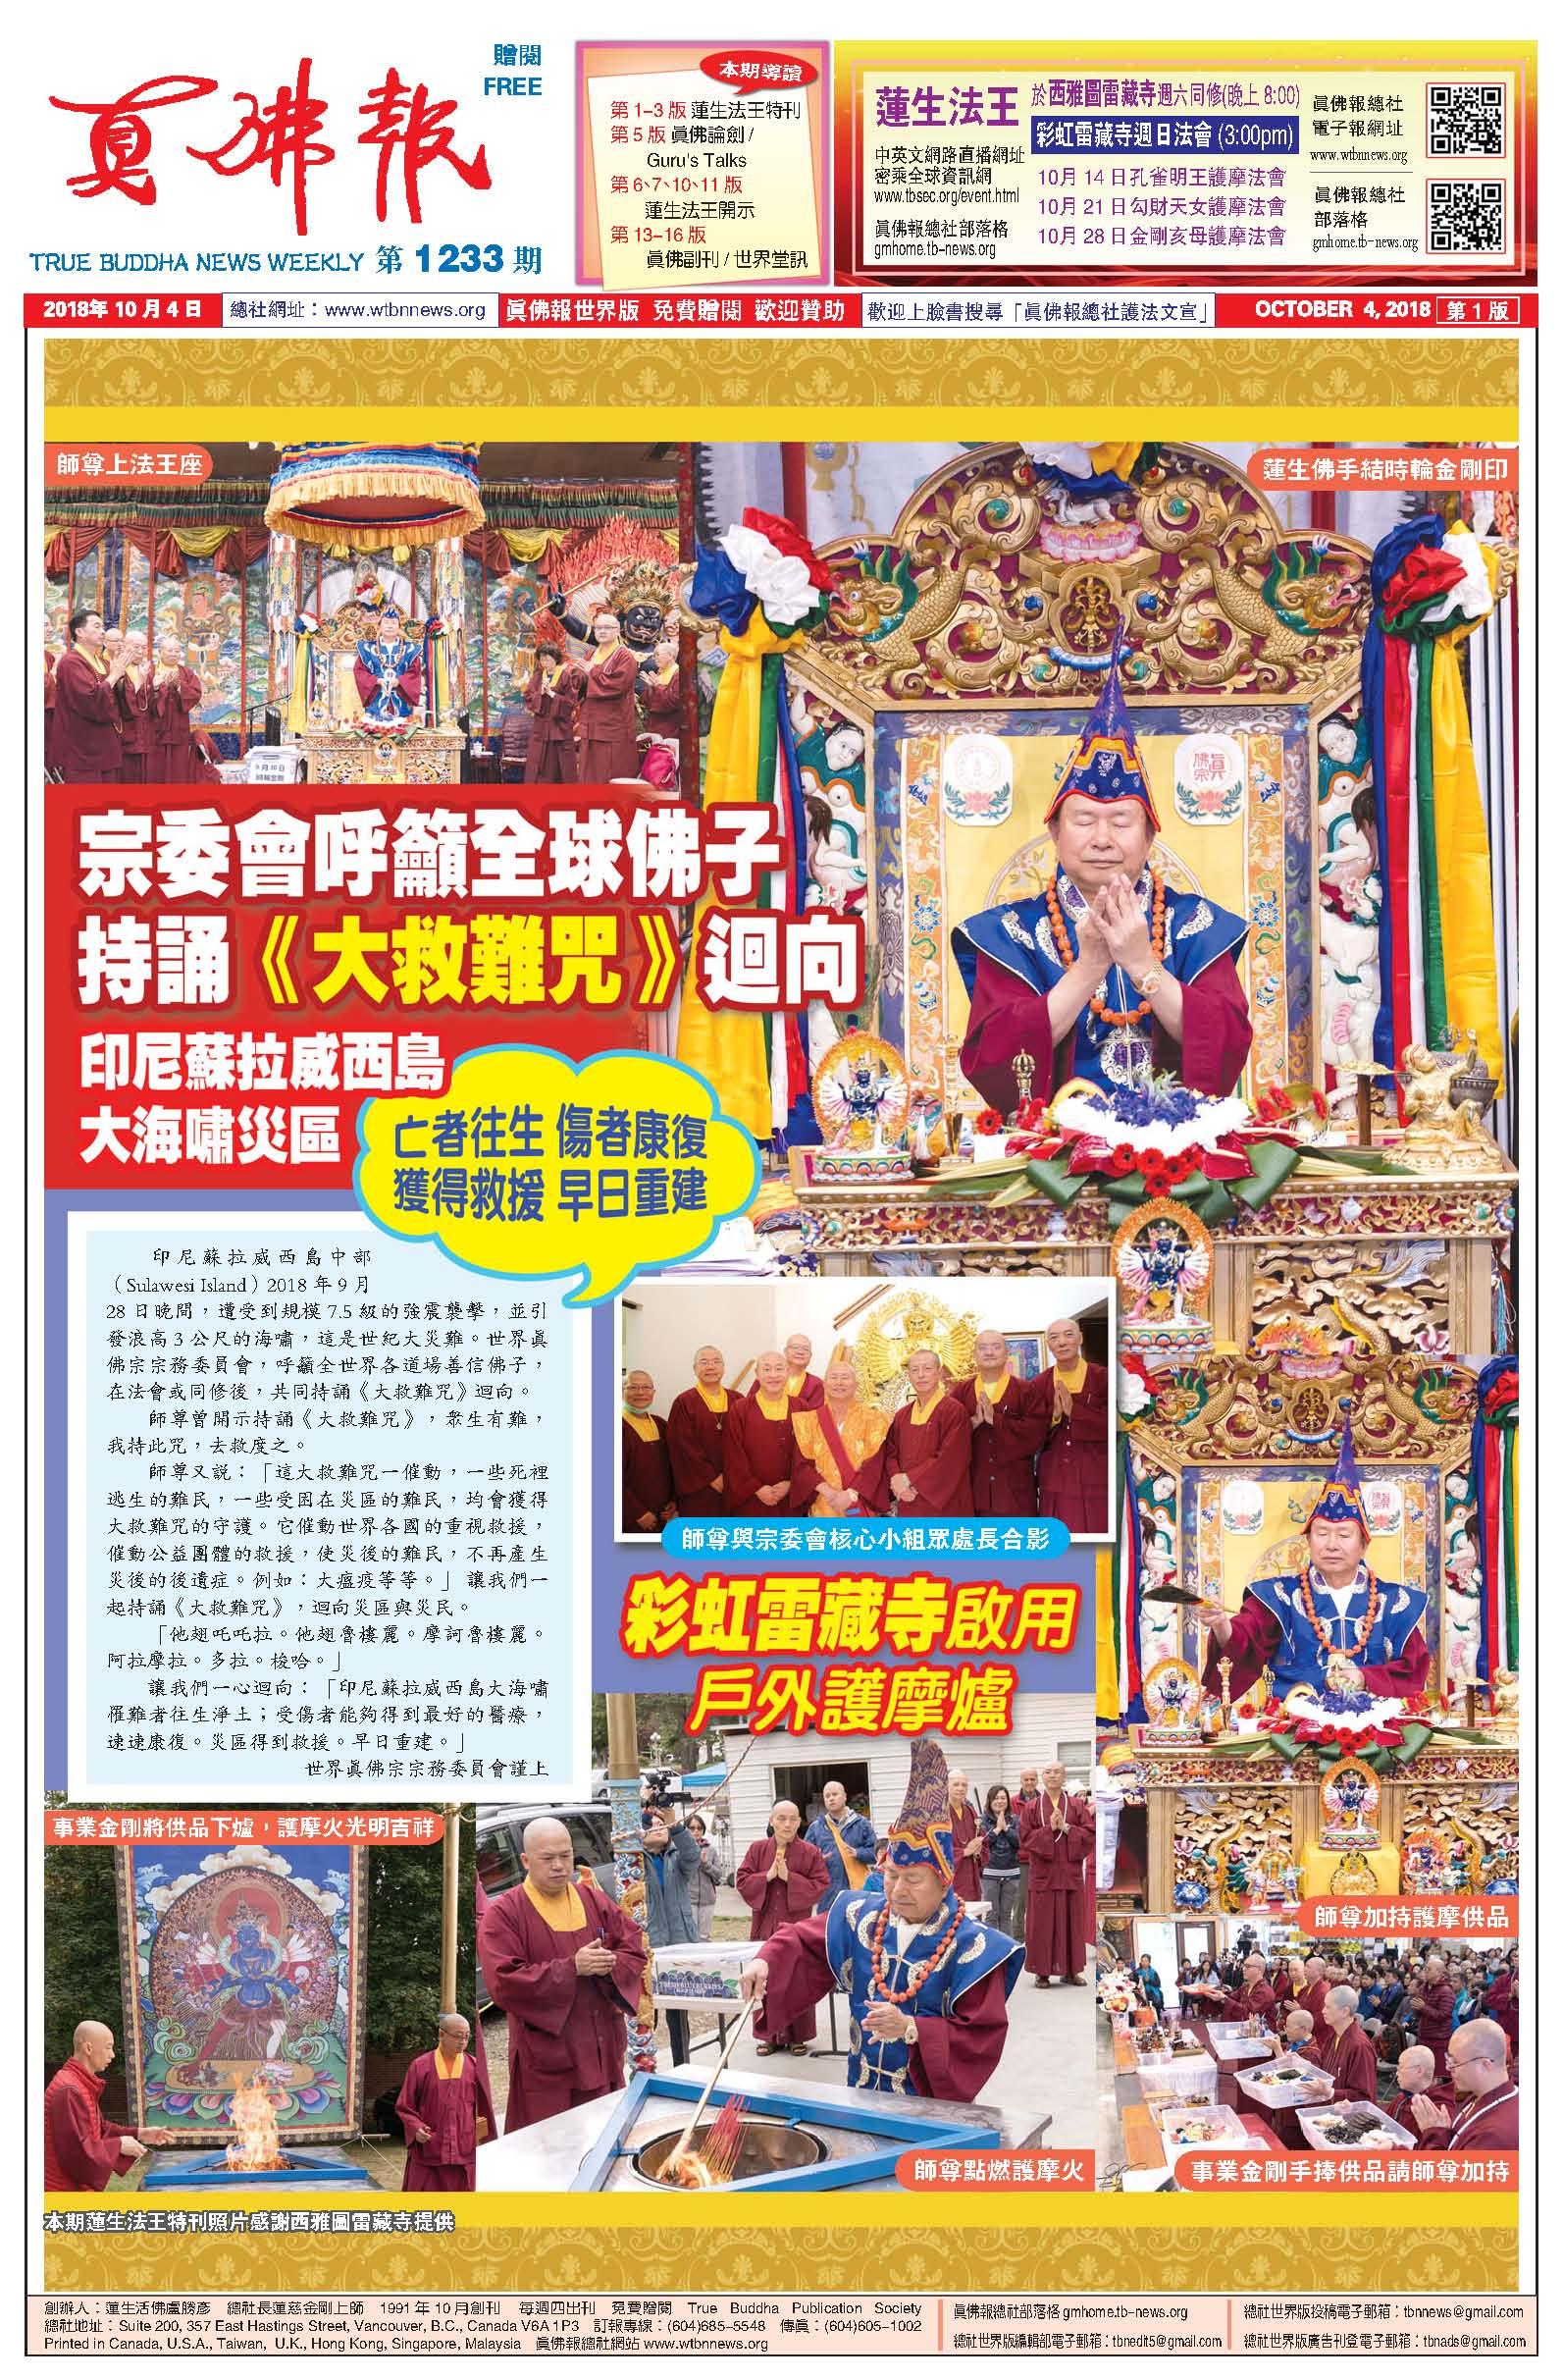 真佛報1233期2018年10月4日出刊